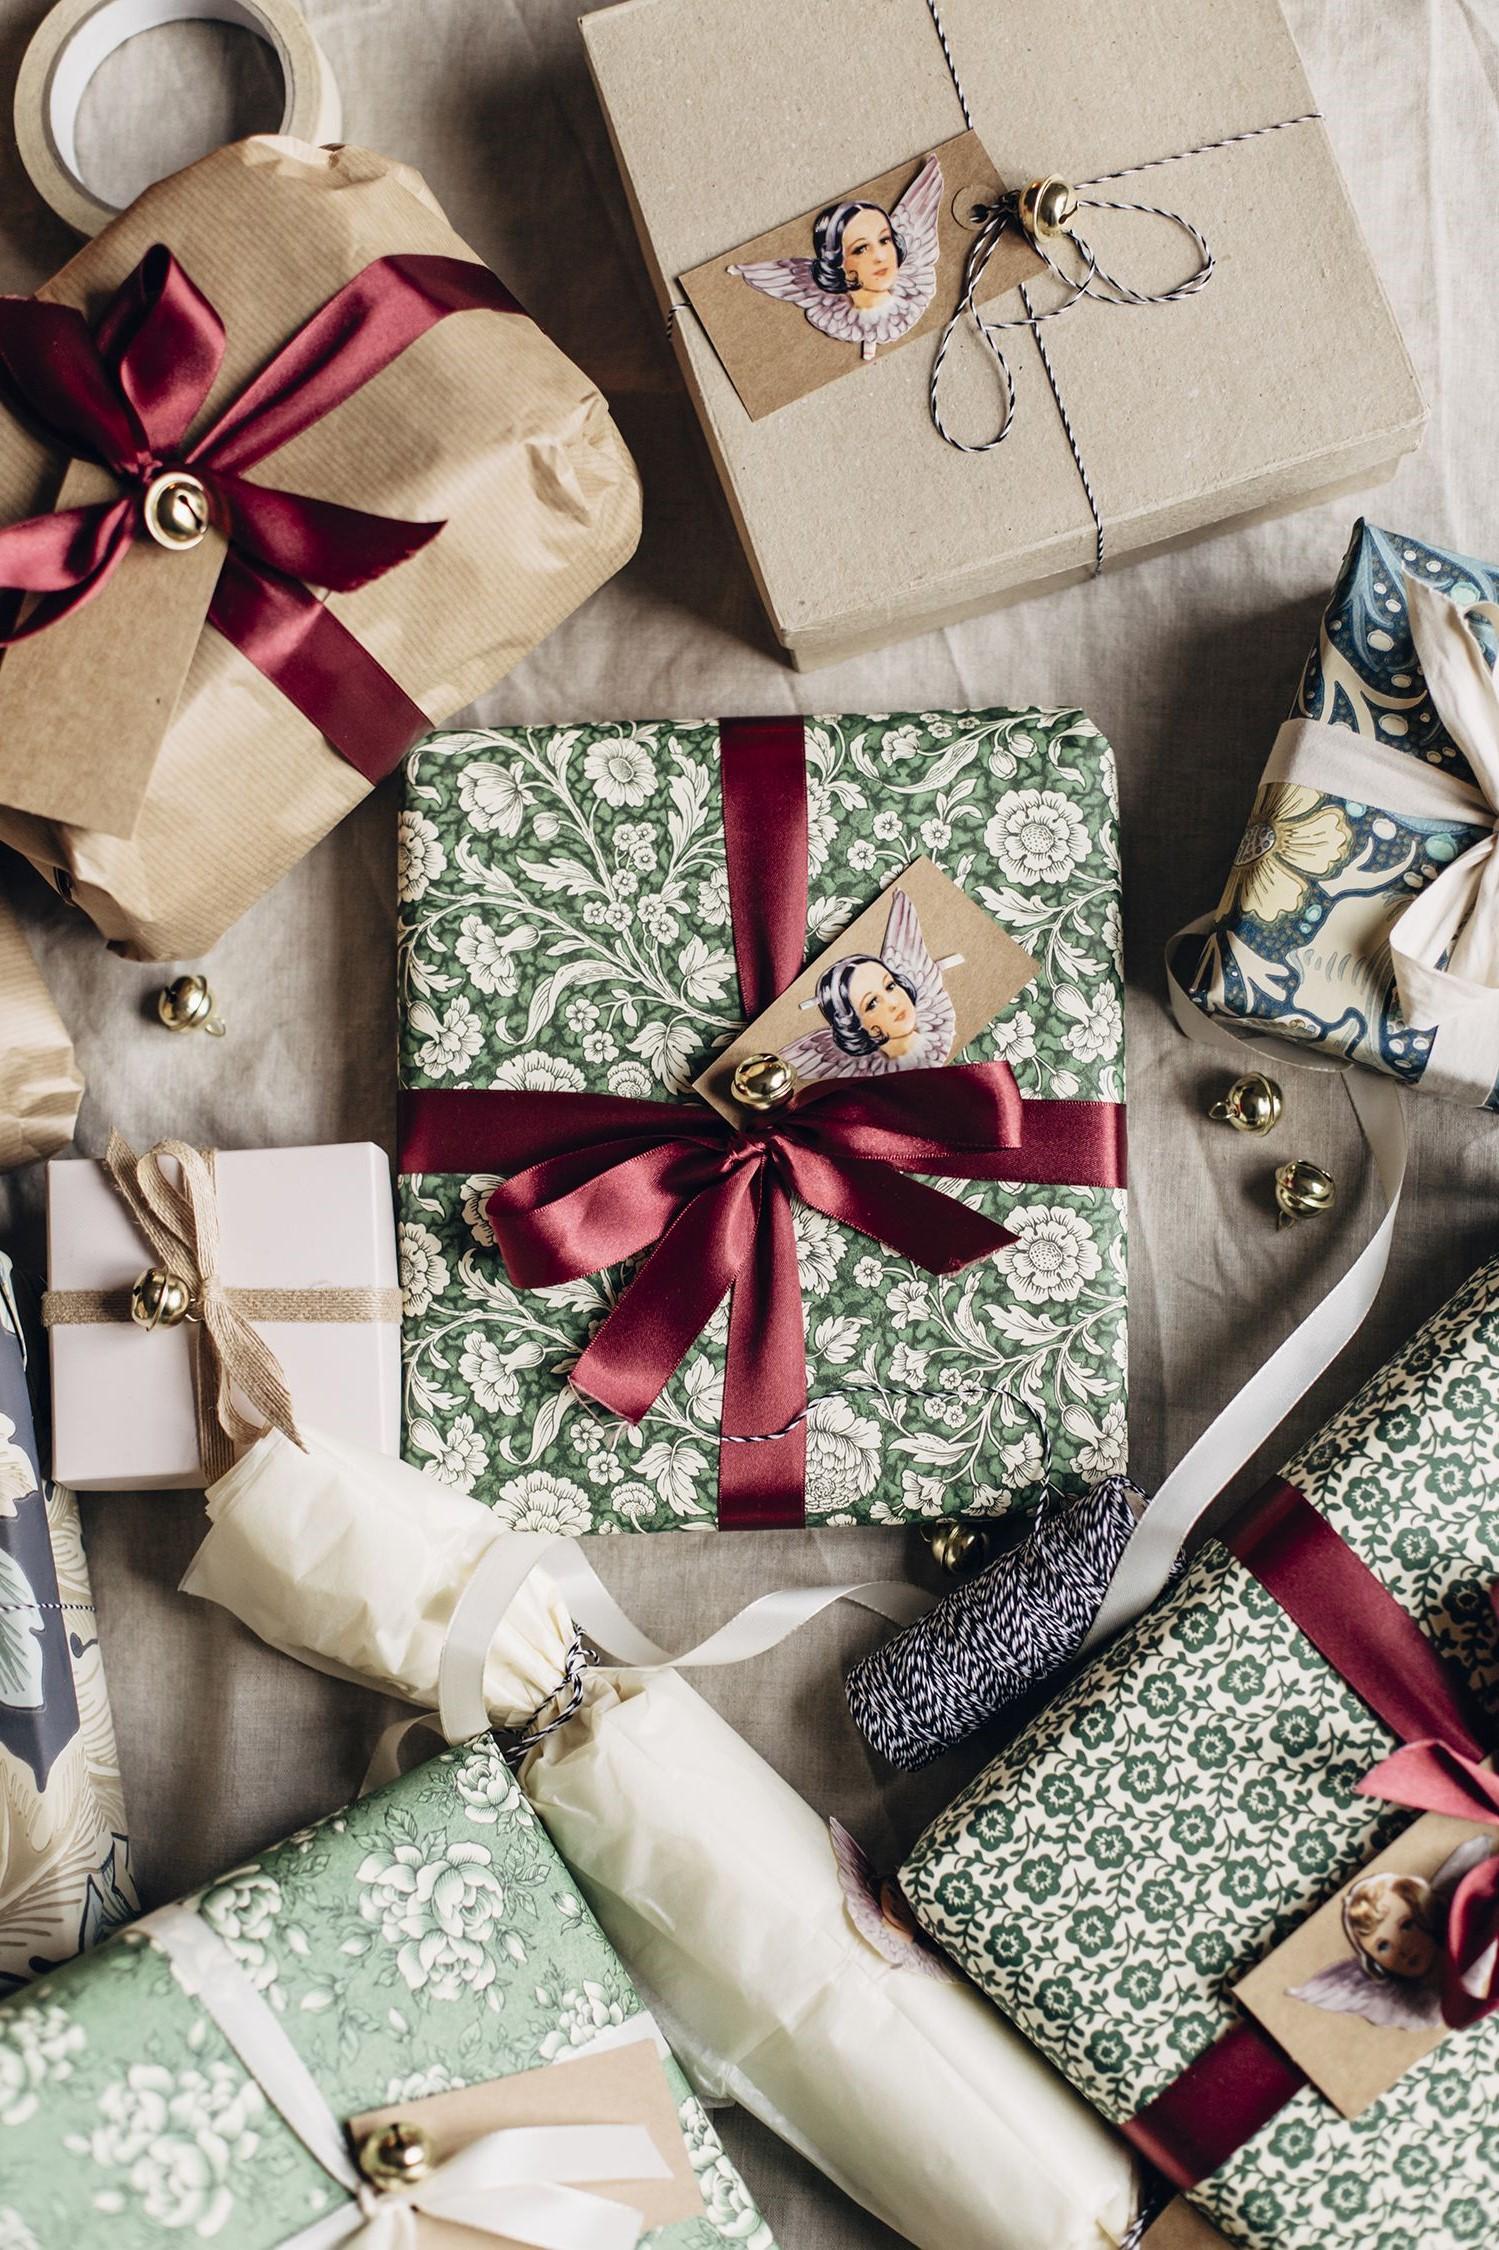 Boîte de carton de Noël avec emballage classique et élégant.